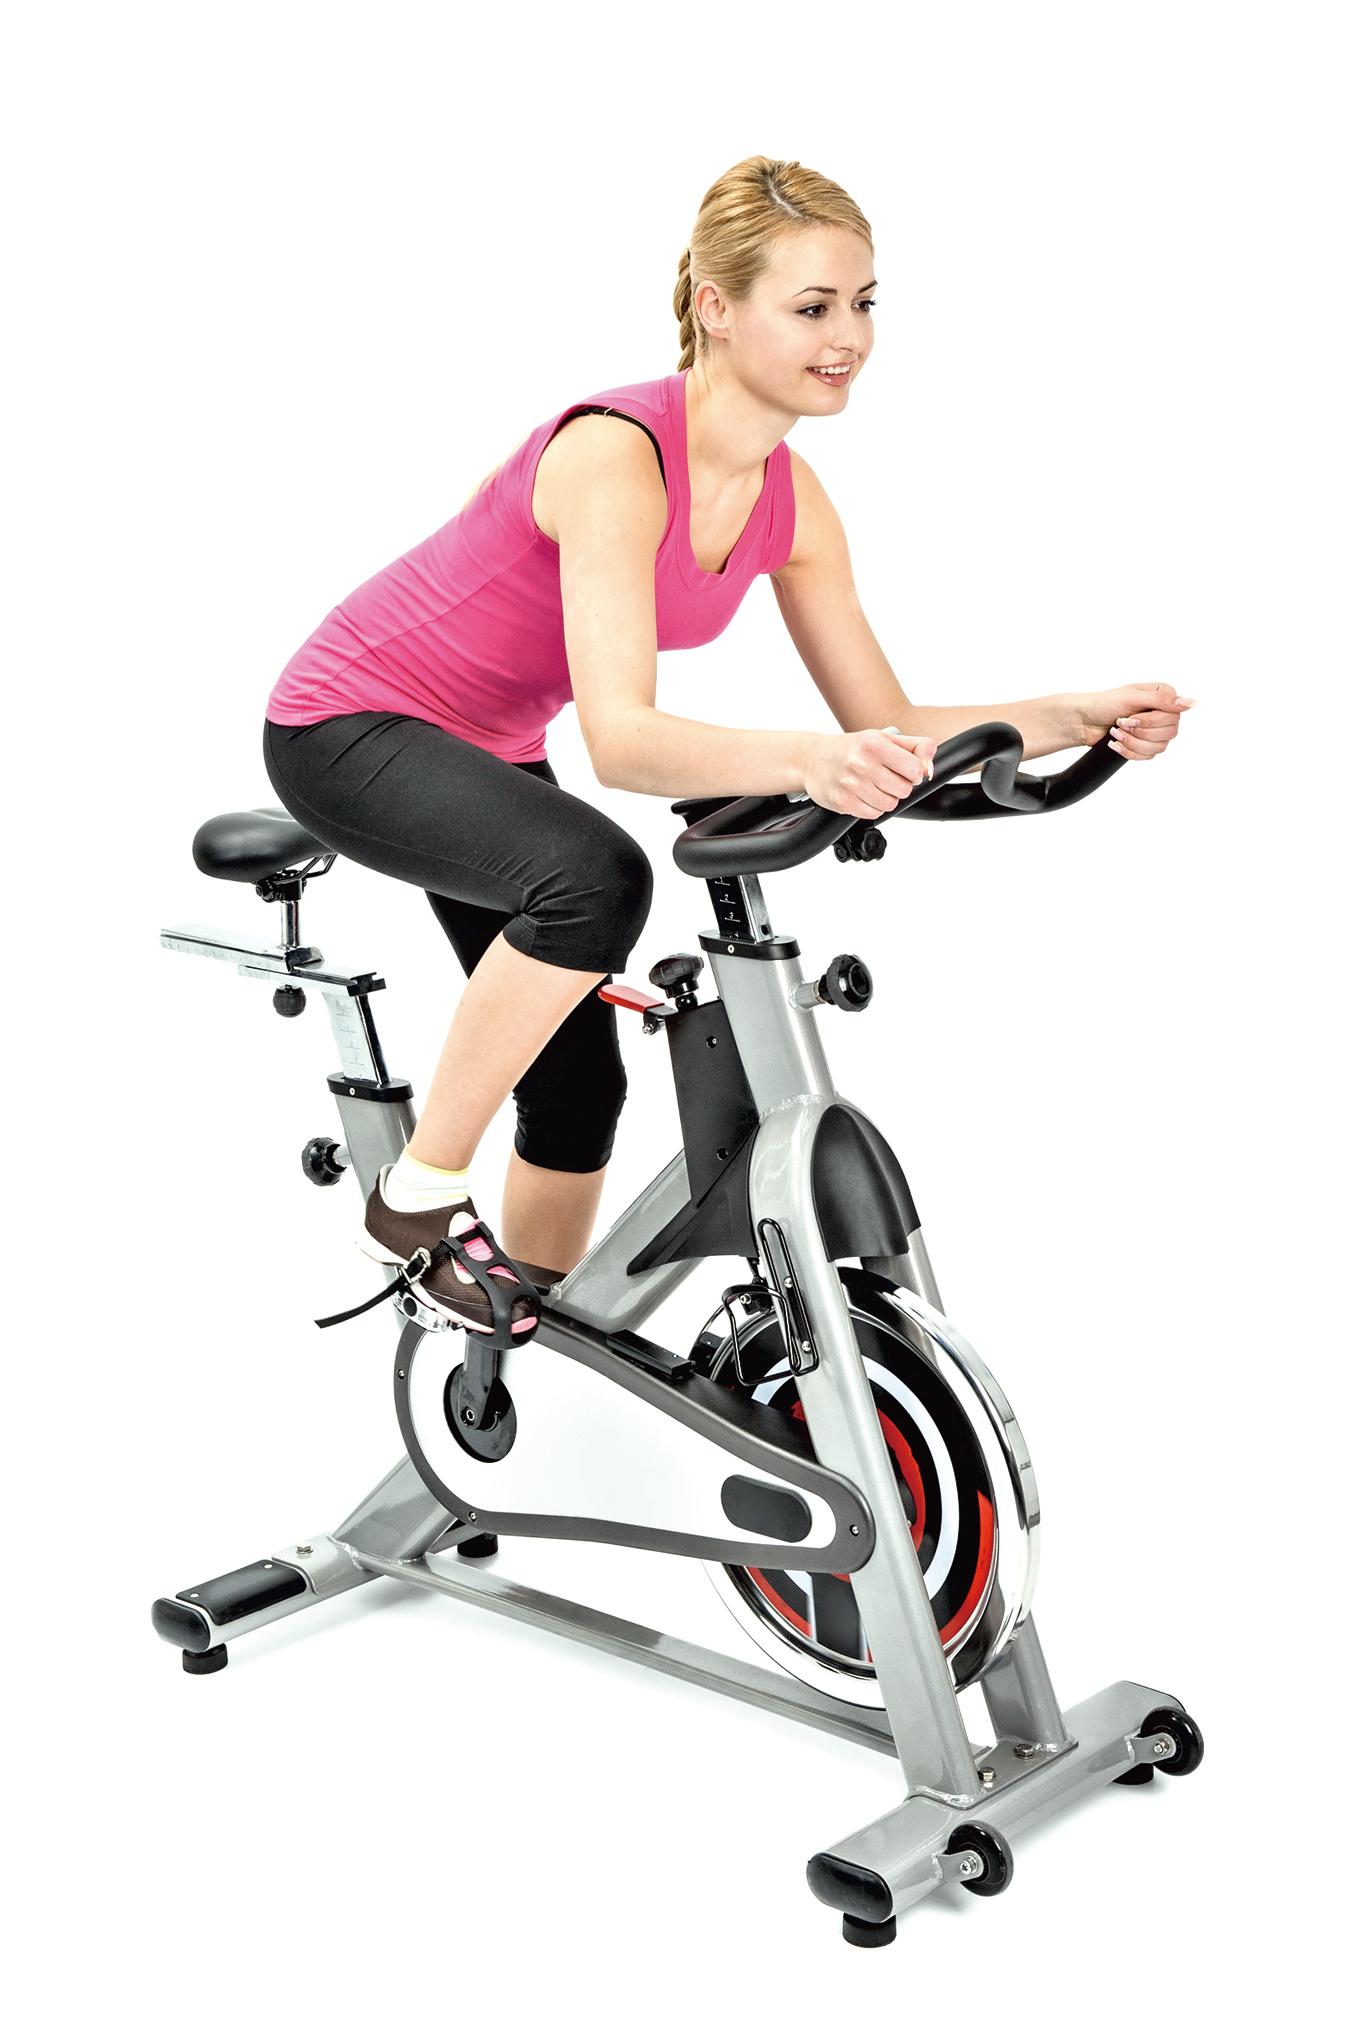 延緩老化 高強度間歇訓練有效